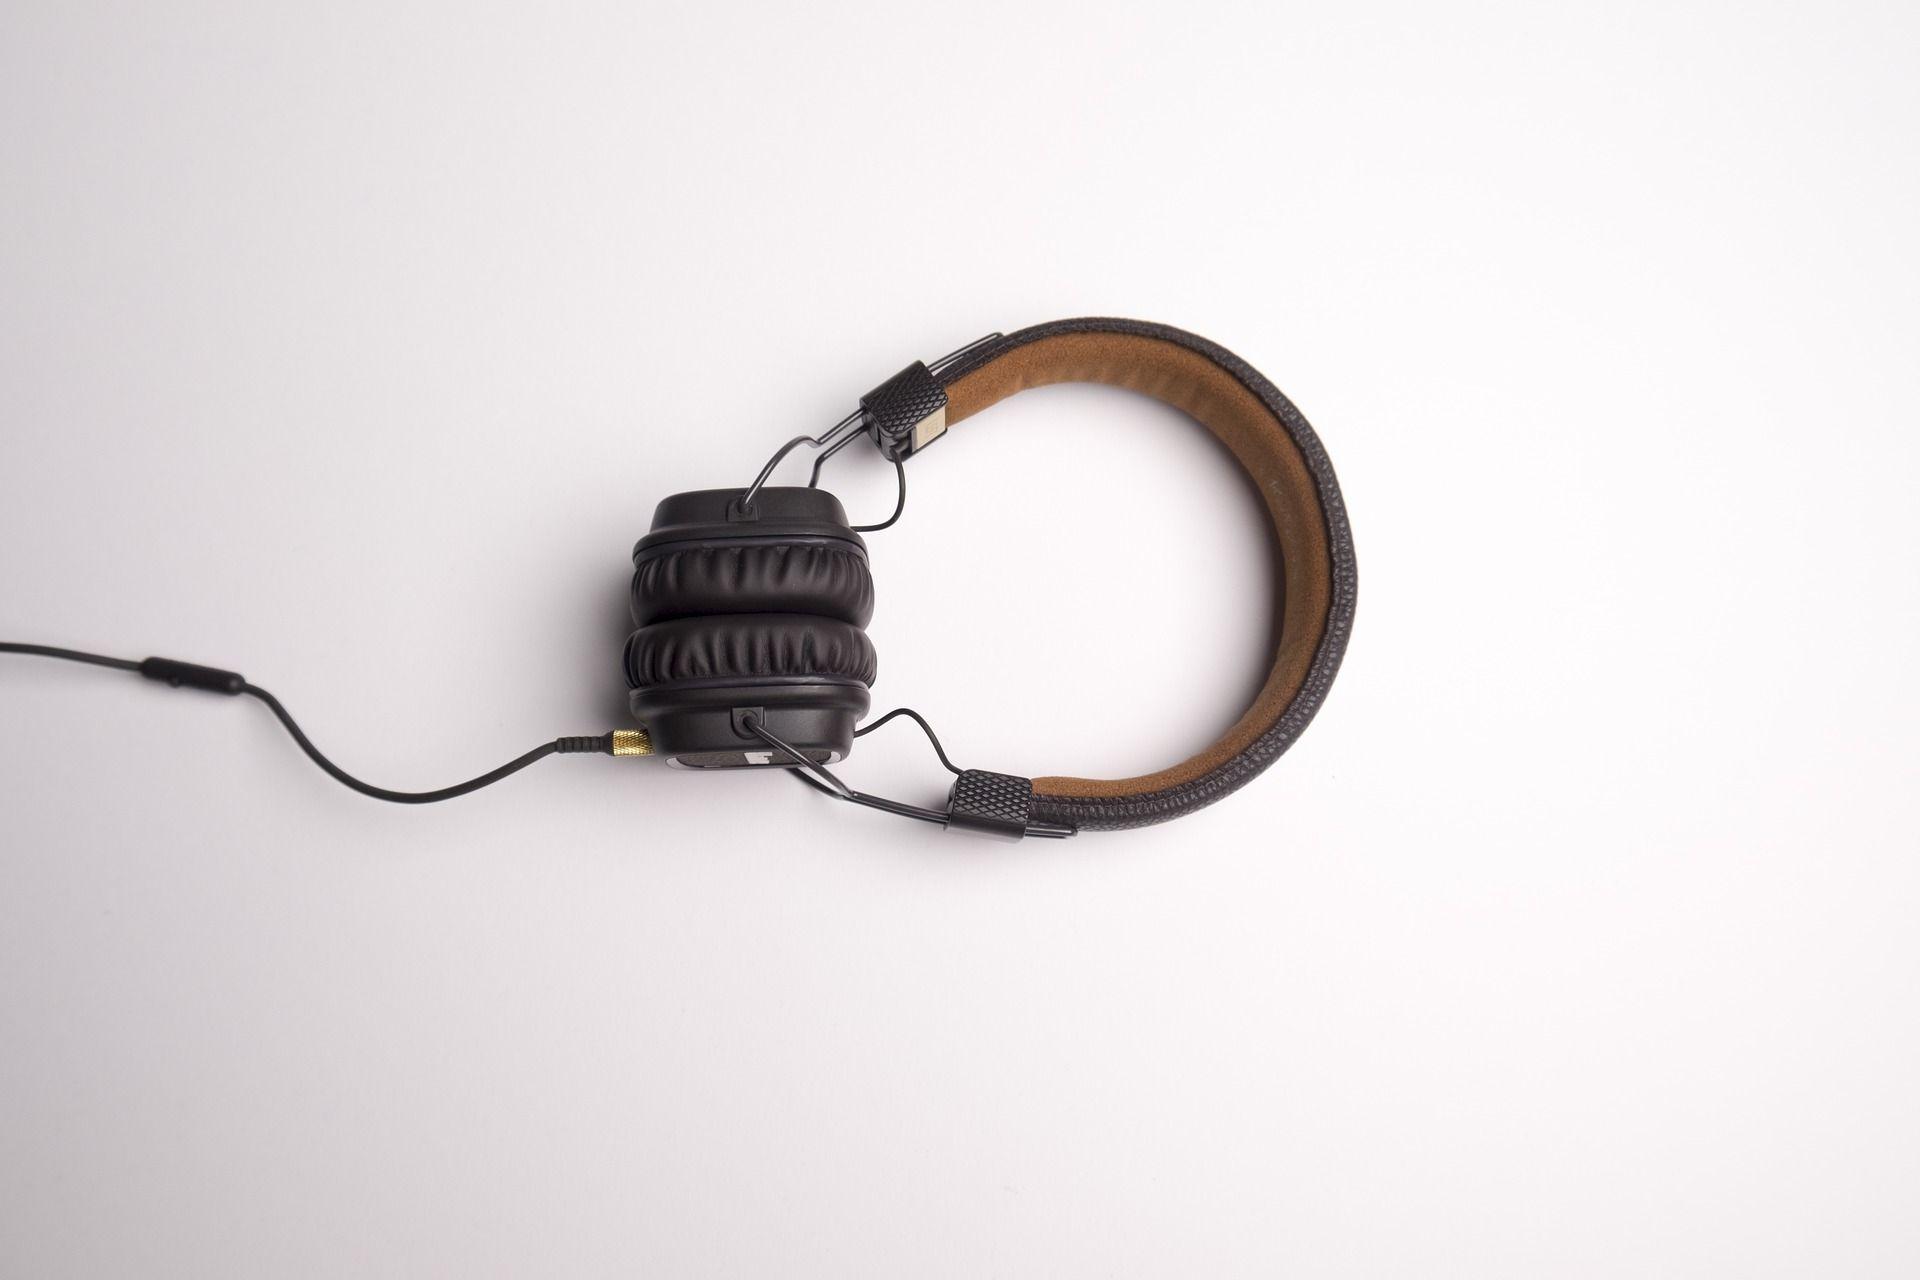 headphone-1868612_1920.jpg